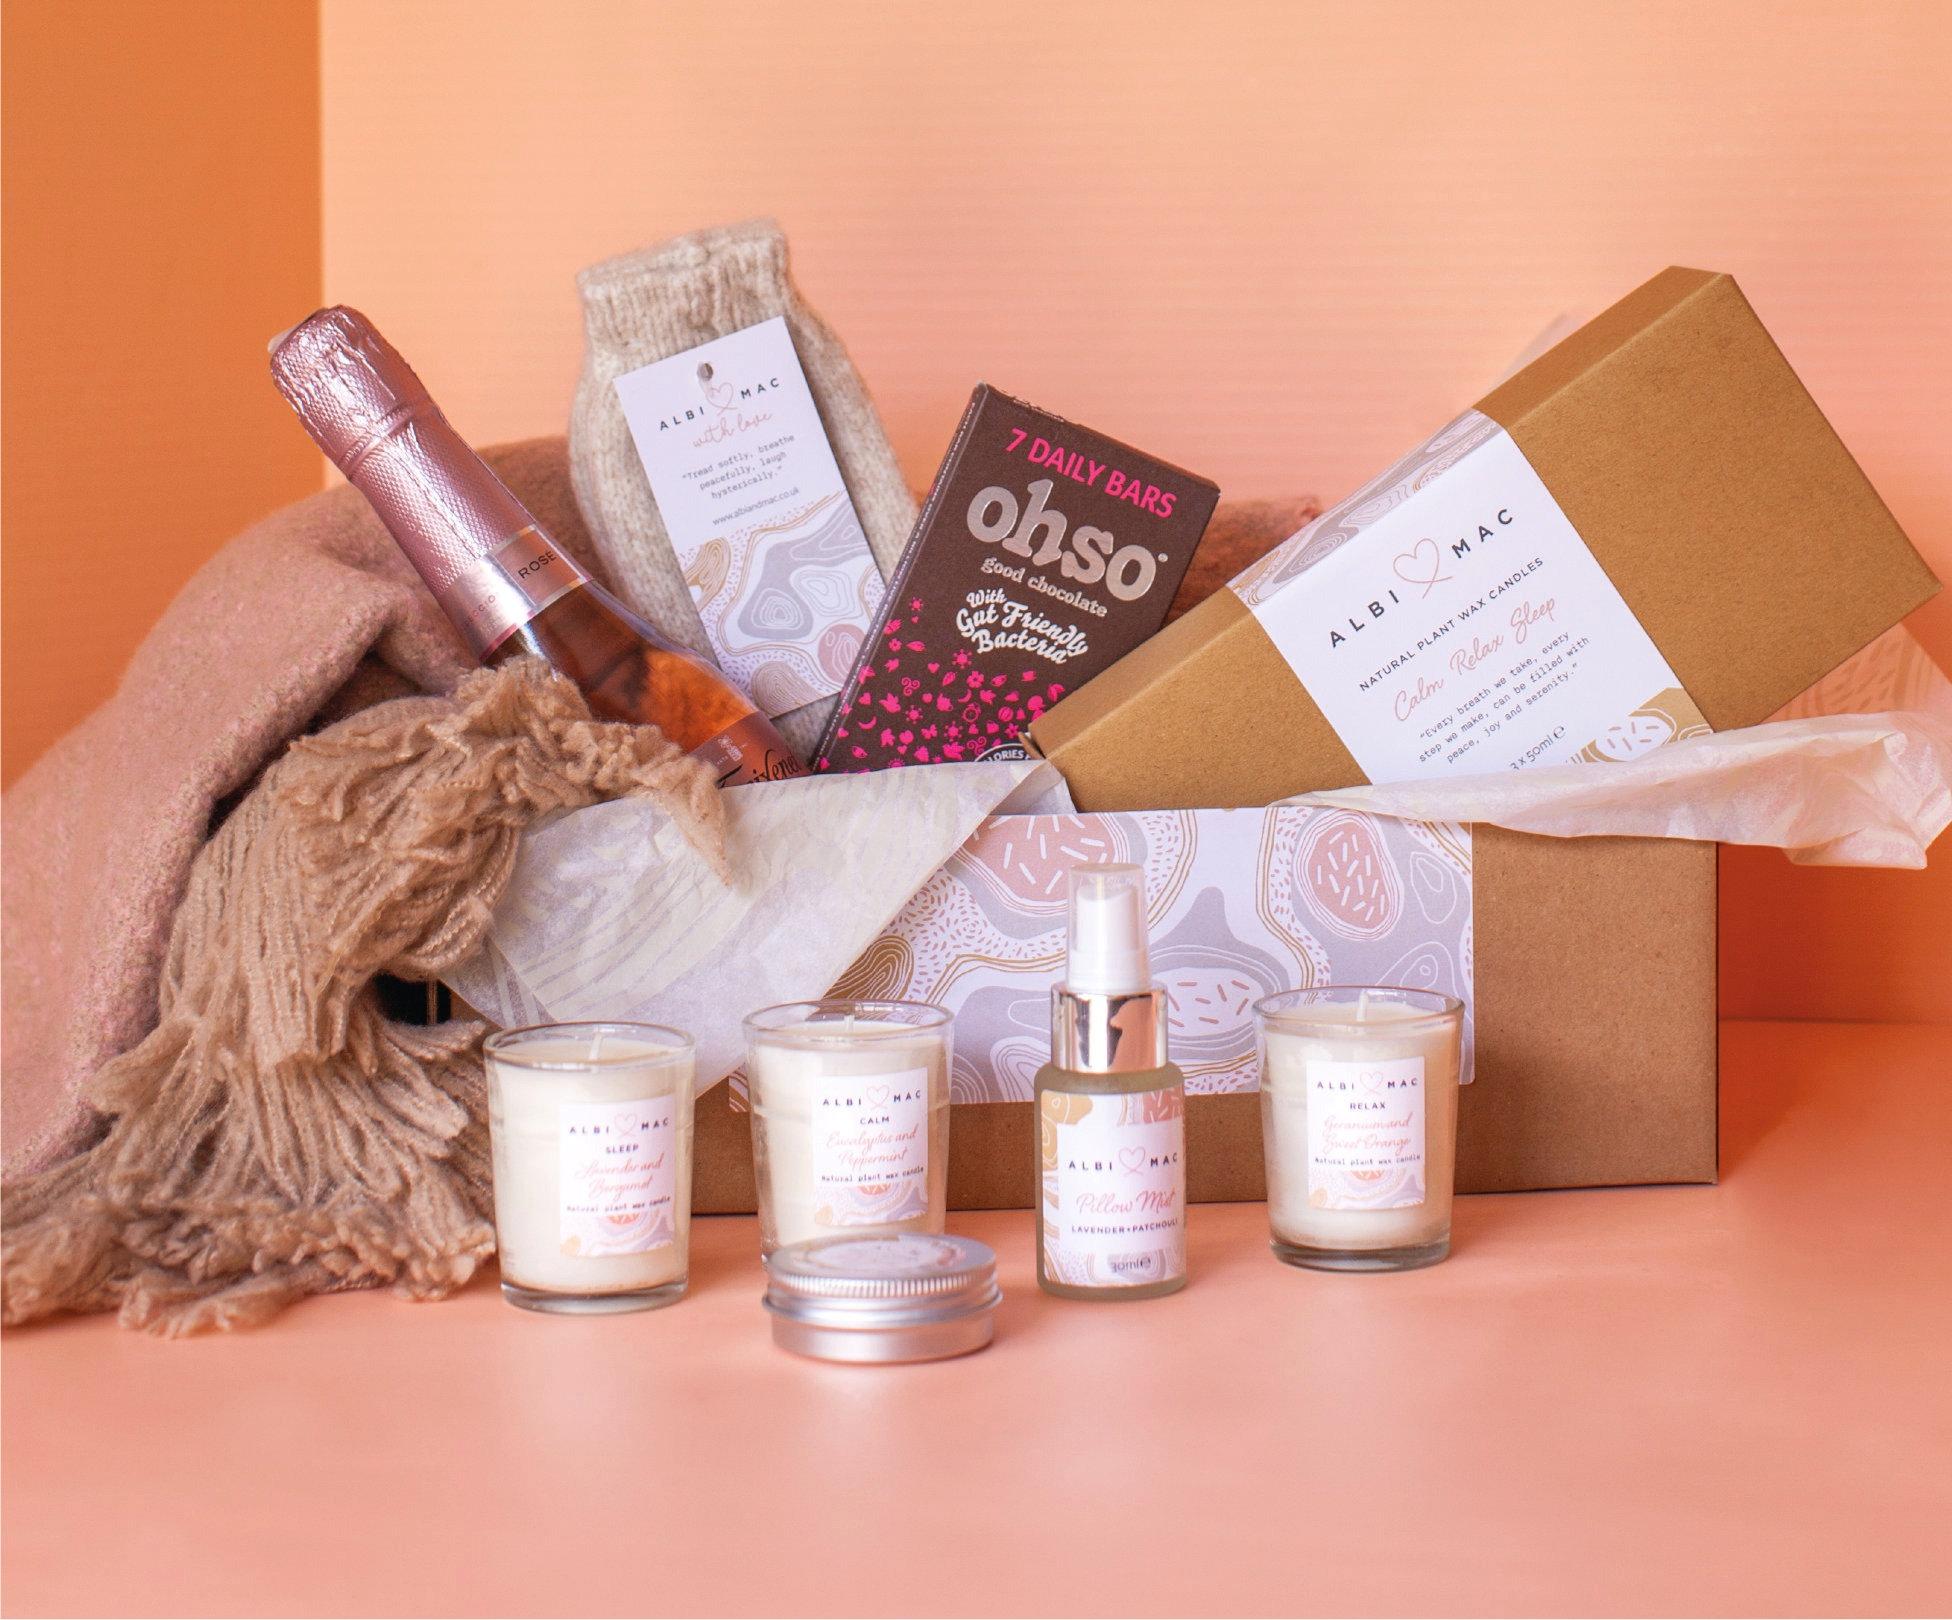 £80 gift box